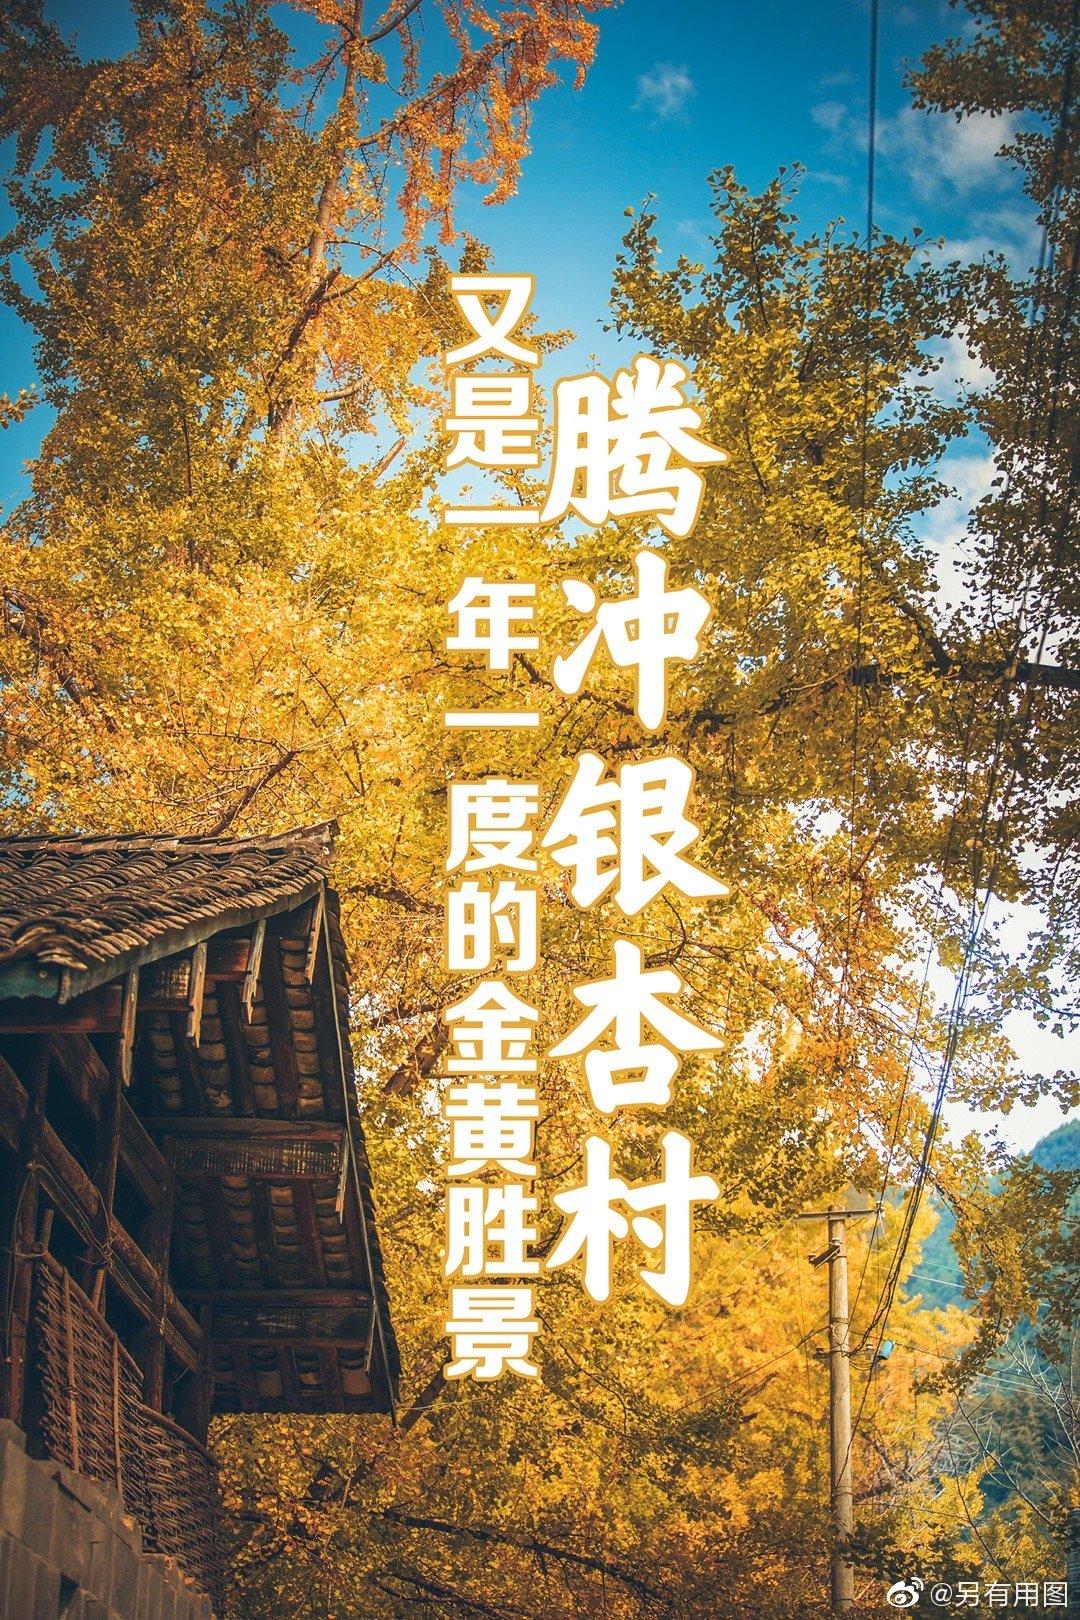 我也发几张我拍的云南腾冲银杏村!不管是拍人还是拍风景